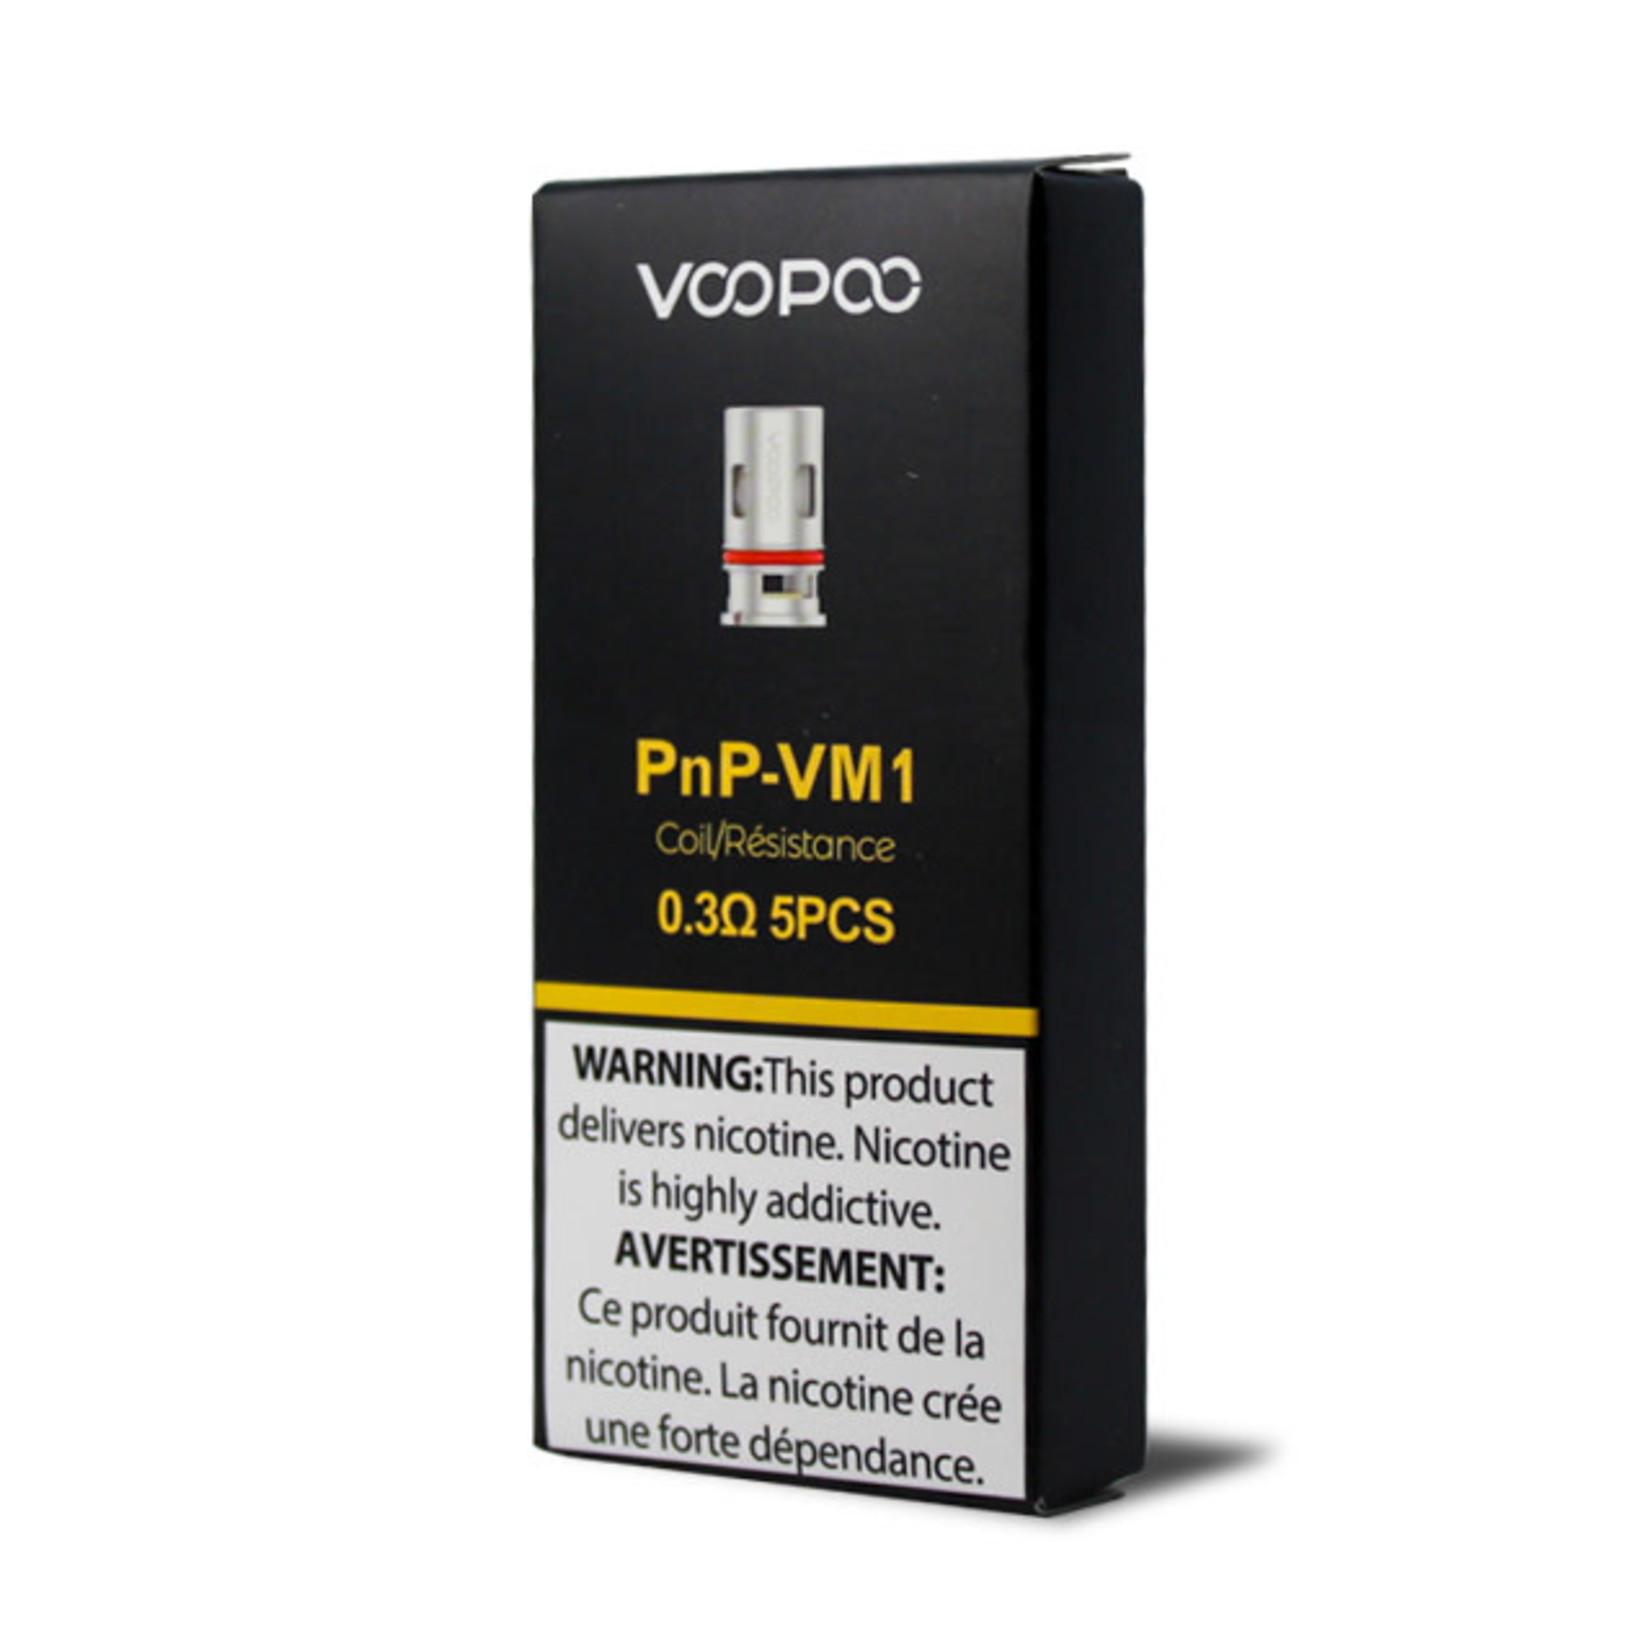 Voopoo Vinci PNP Replacement Coil VM1 0.3 ohm Pack (5pcs)